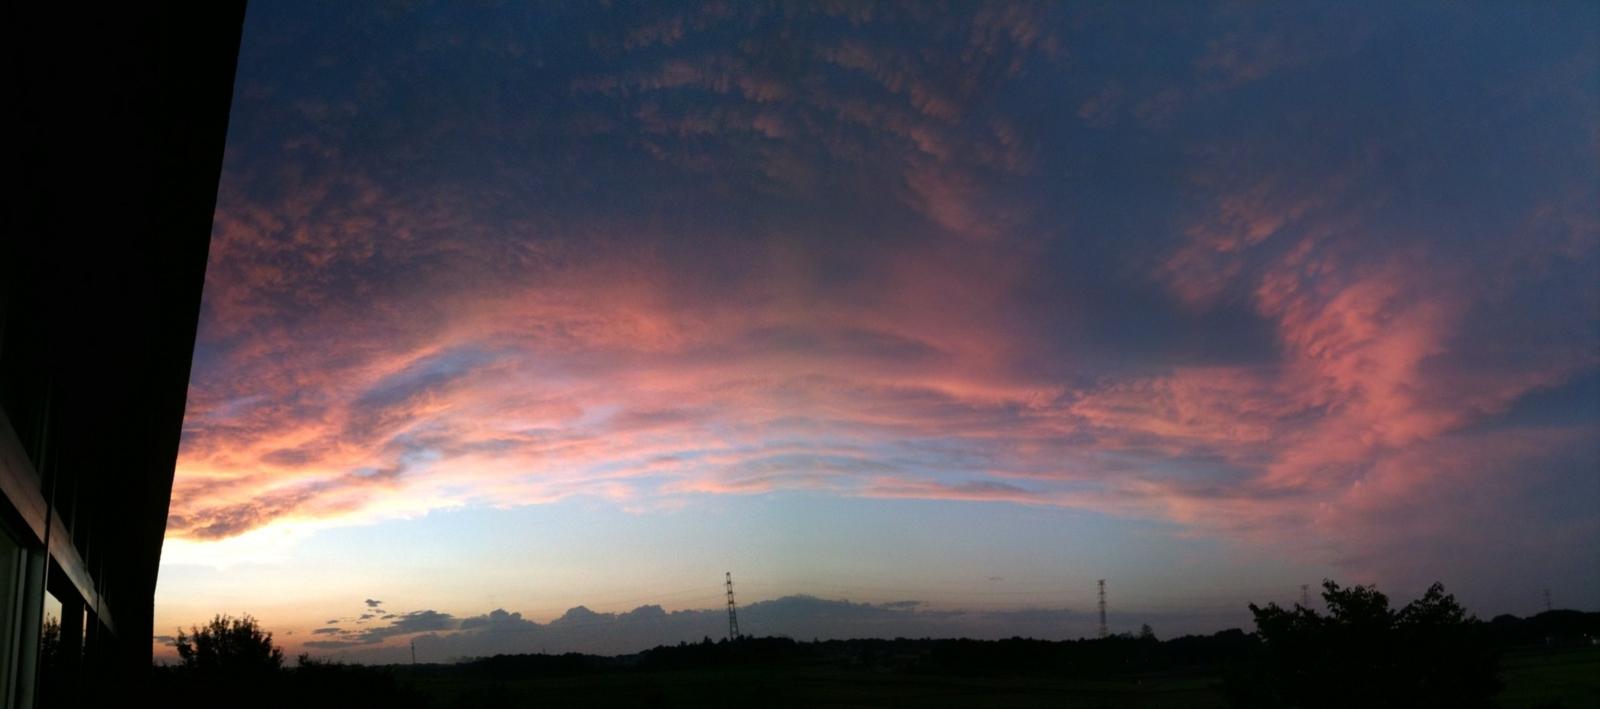 彩雲 (航空機)の画像 p1_31